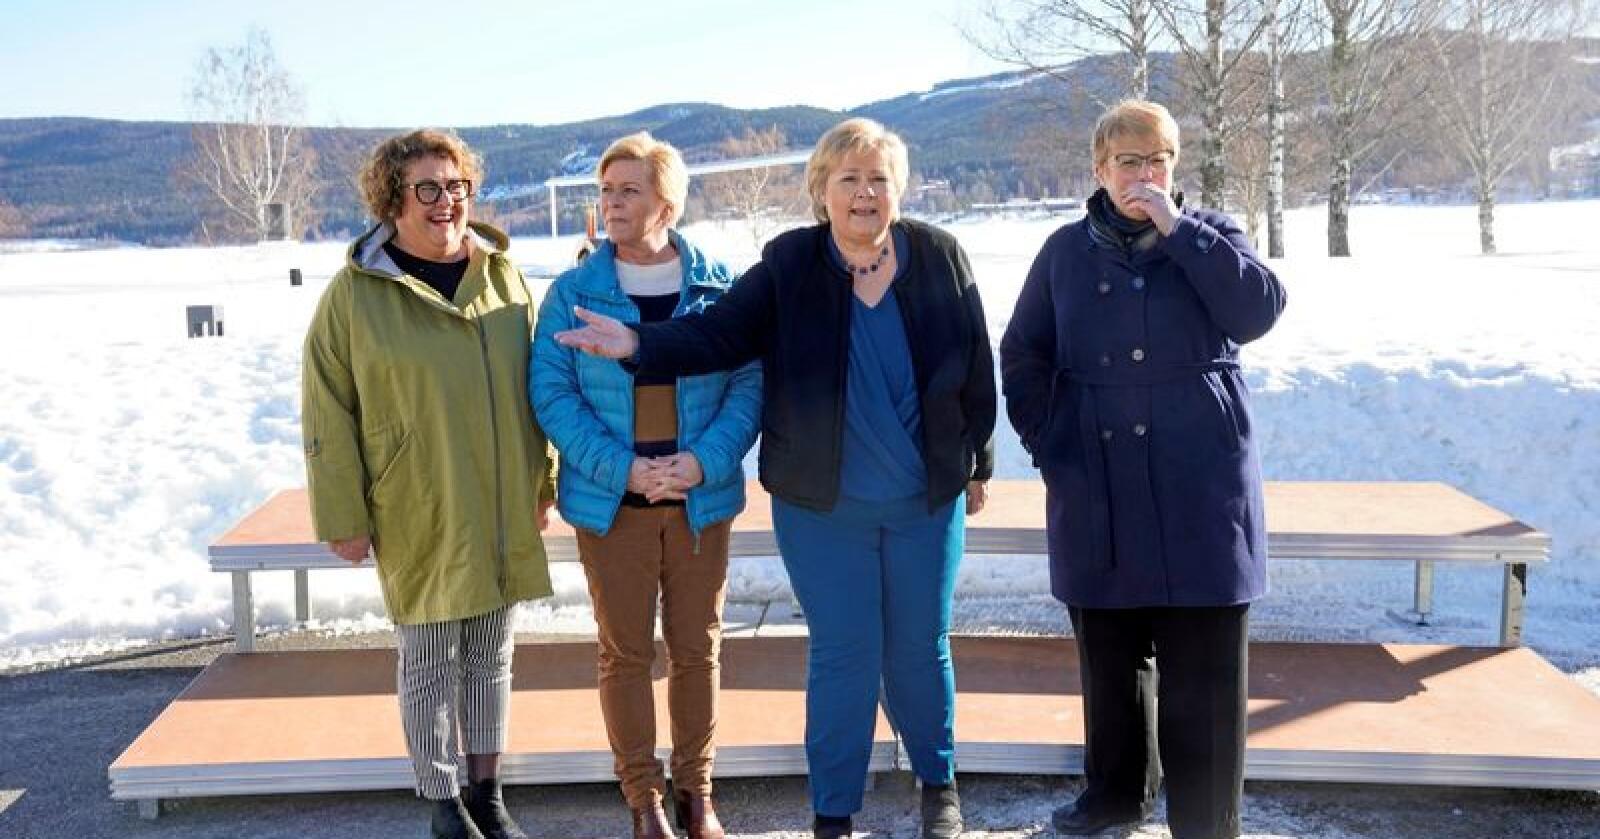 Når Olaug Bollestad, Siv Jensen, Erna Solberg og Trine Skei Grande samles på budsjettkonferanse, som her fra tidligere i år, får det konsekvenser landet rundt. Foto: Cornelius Poppe / NTB Scanpix